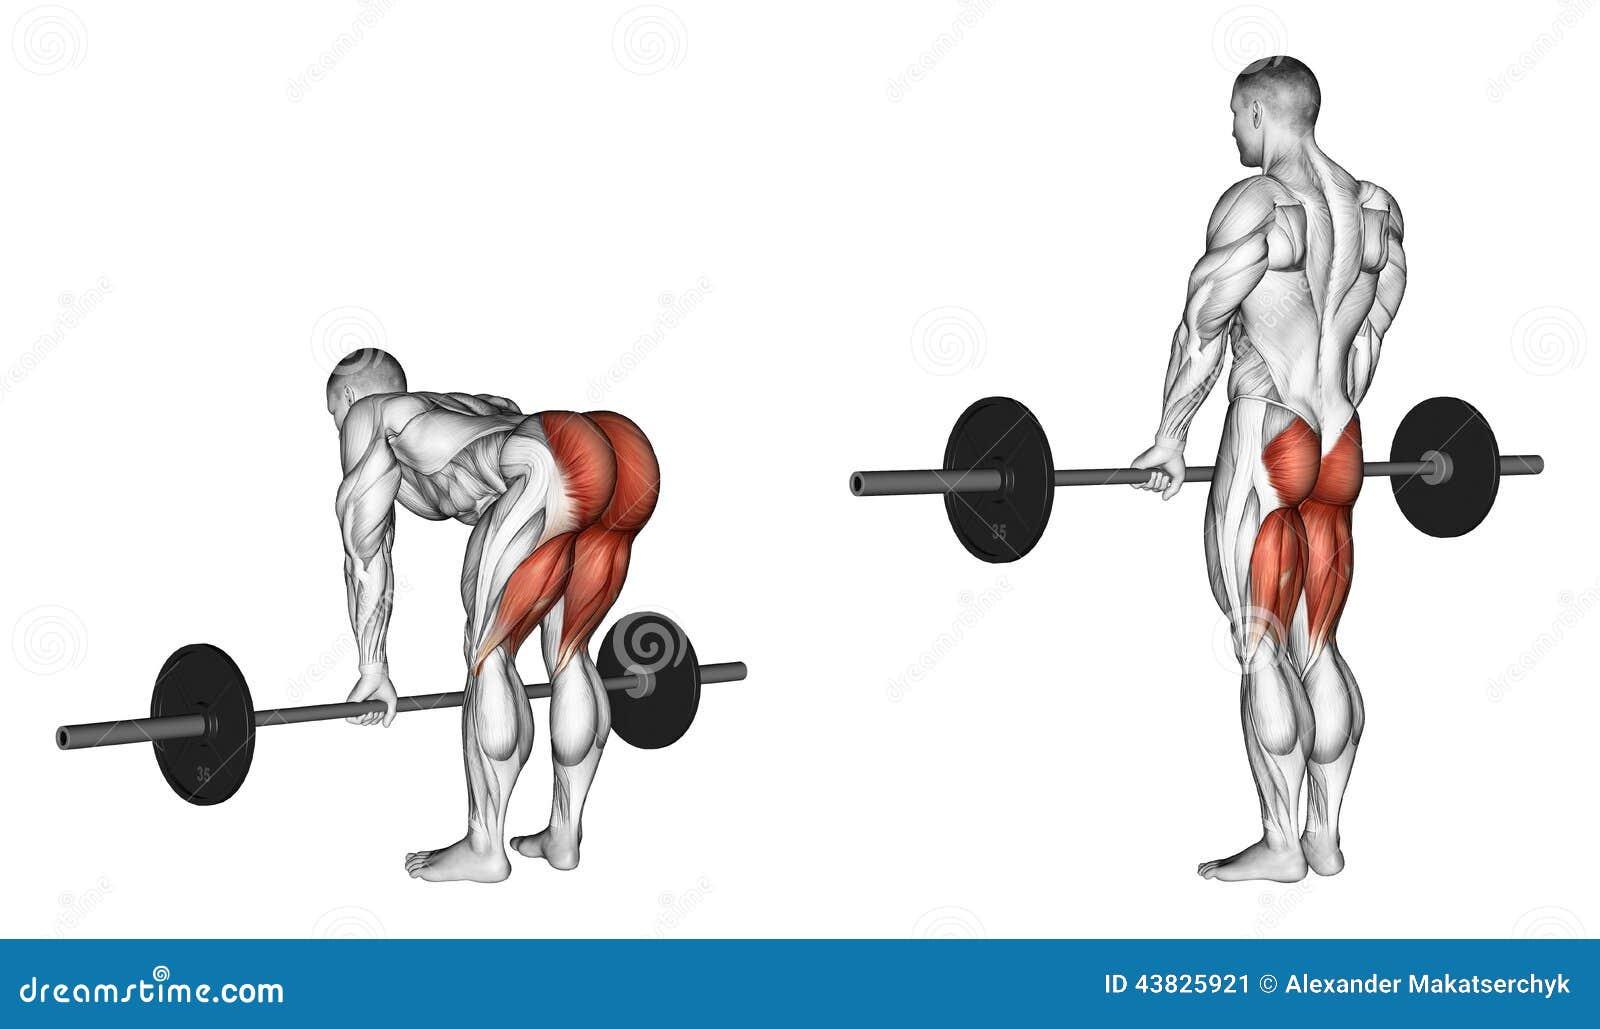 Exercising Deadlifts con un barbell, piernas derecho